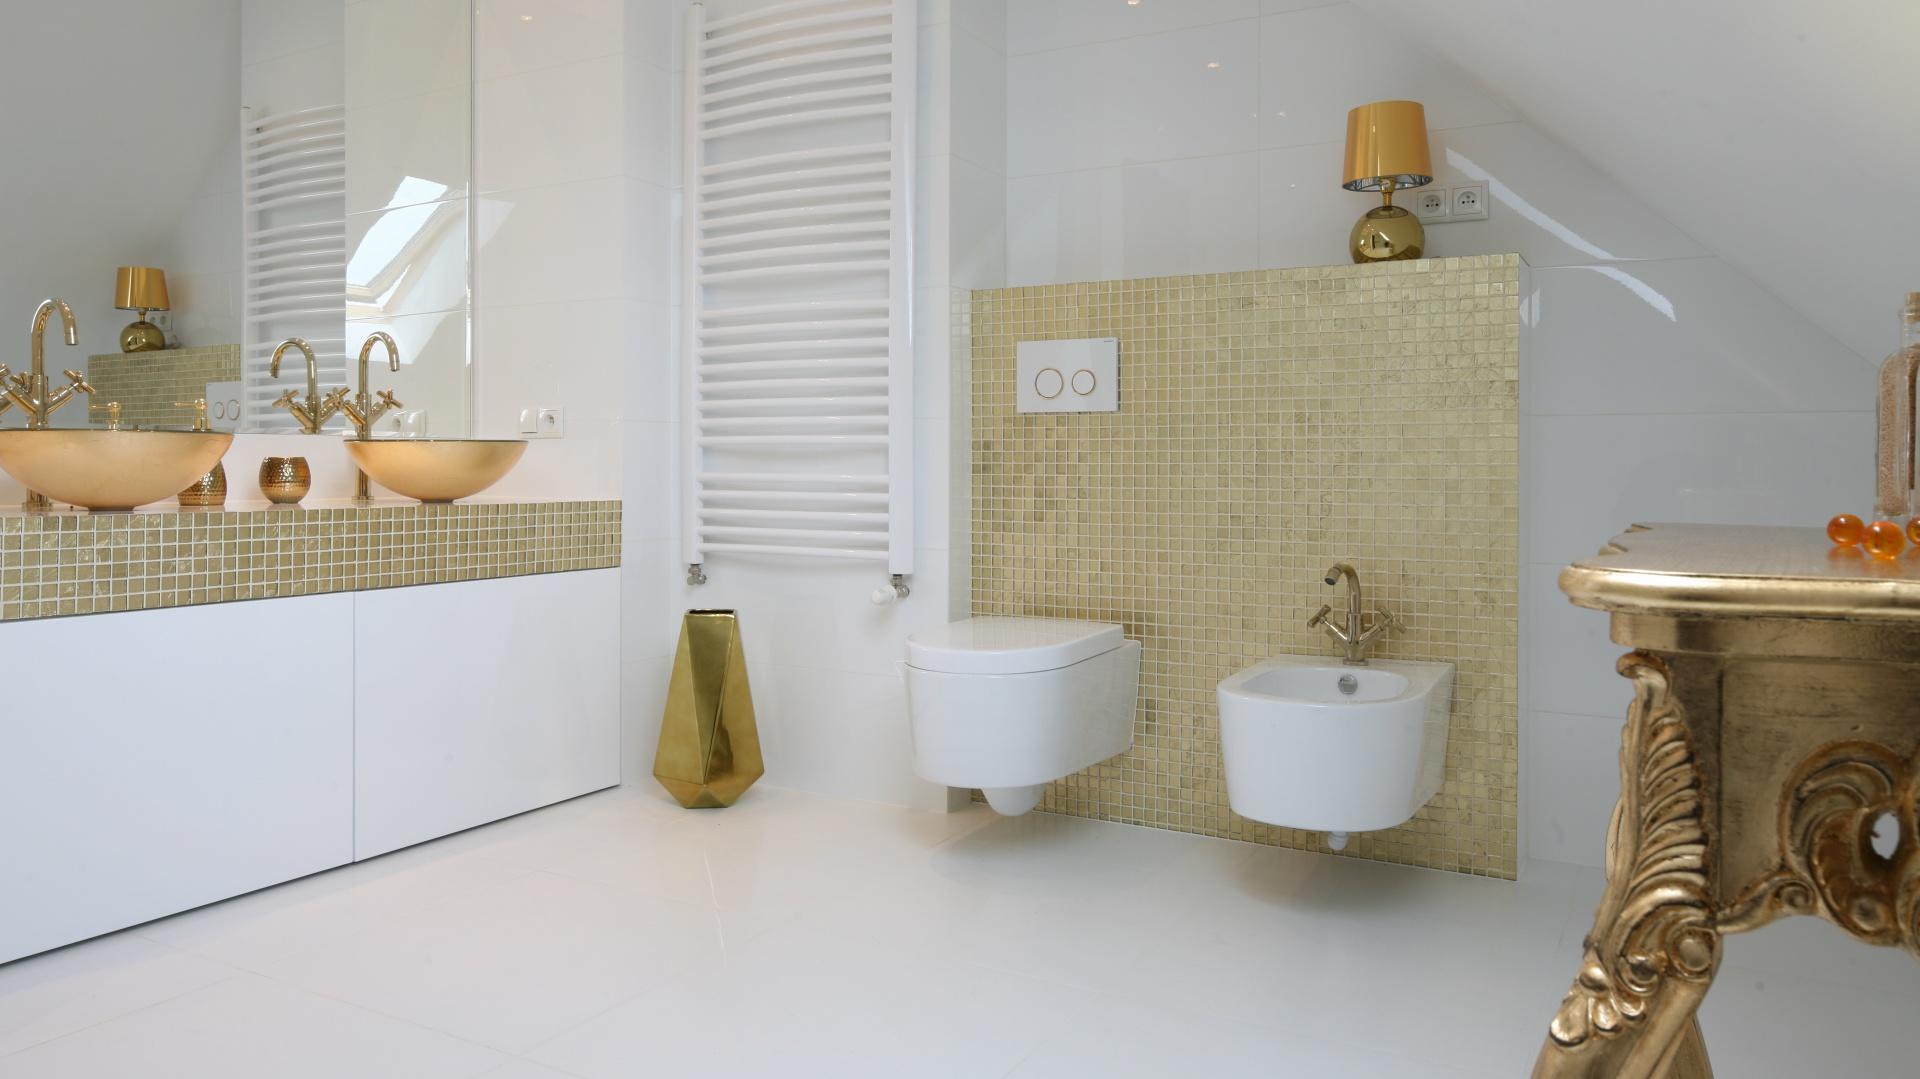 Biel i złoto? Czemu nie. Takie połączenie w łazience sprawdzi się znakomicie. Biel nada wnętrzu lekkości i nowoczesności, a złoto elegancji i stylu. Projekt: Piotr Stanisz. Fot. Bartosz Jarosz.